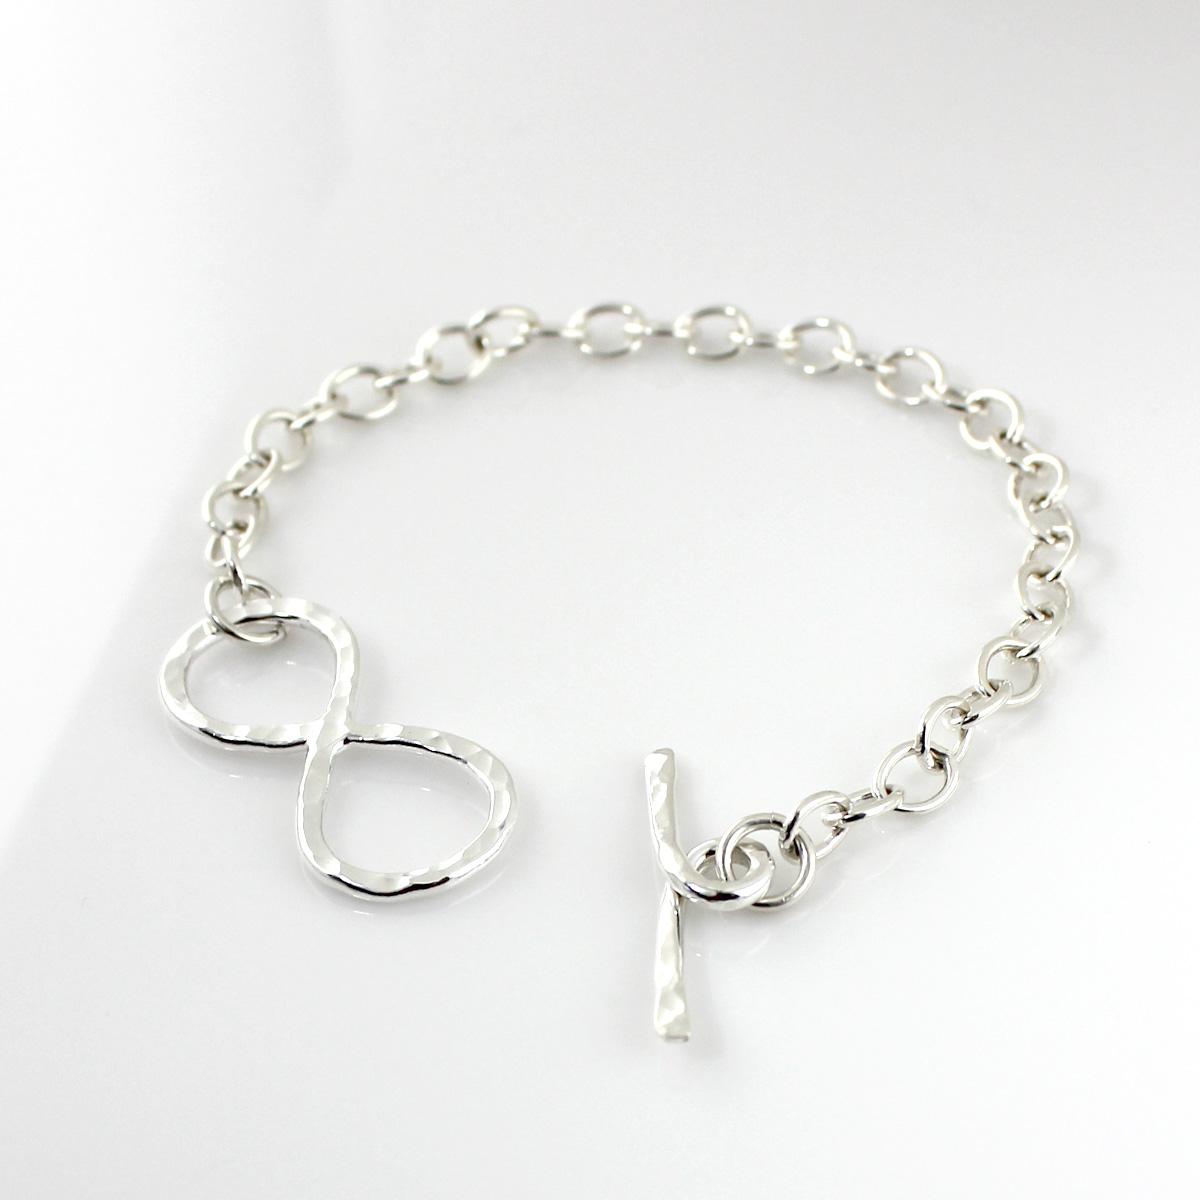 Infinity Toggle Bracelet